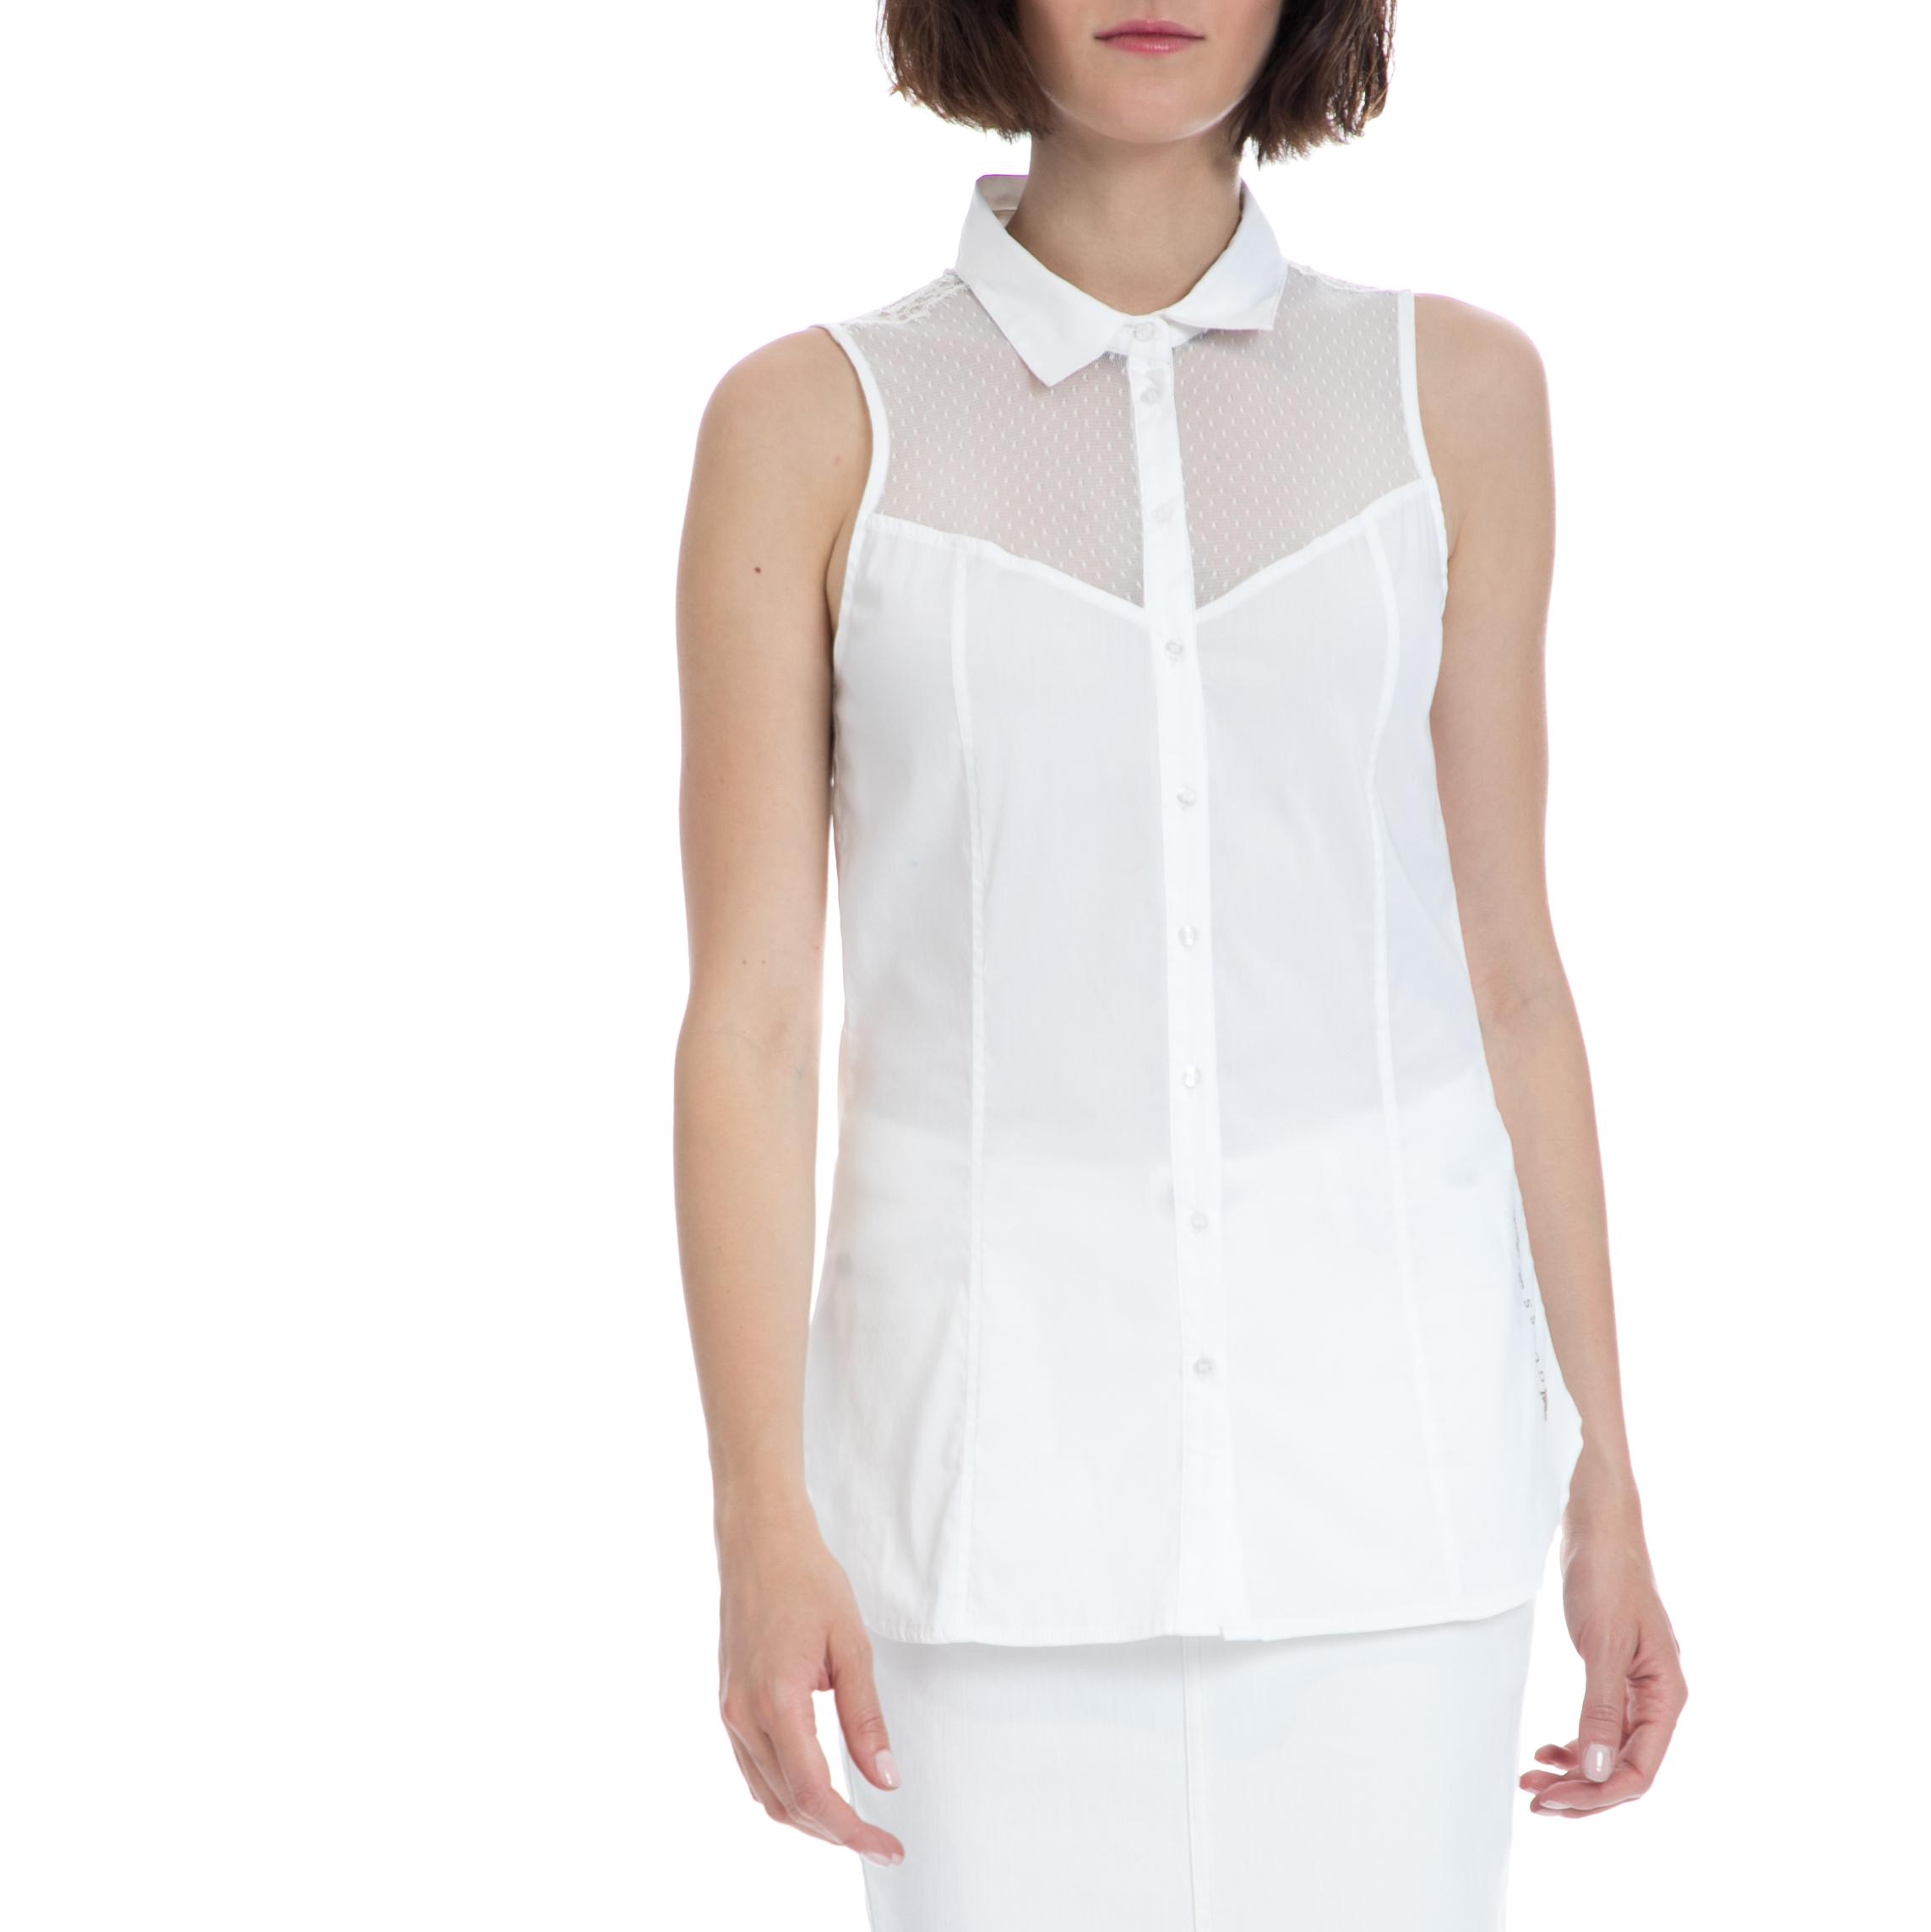 cfa88e890bb0 GUESS – Γυναικείο πουκάμισο Guess λευκό